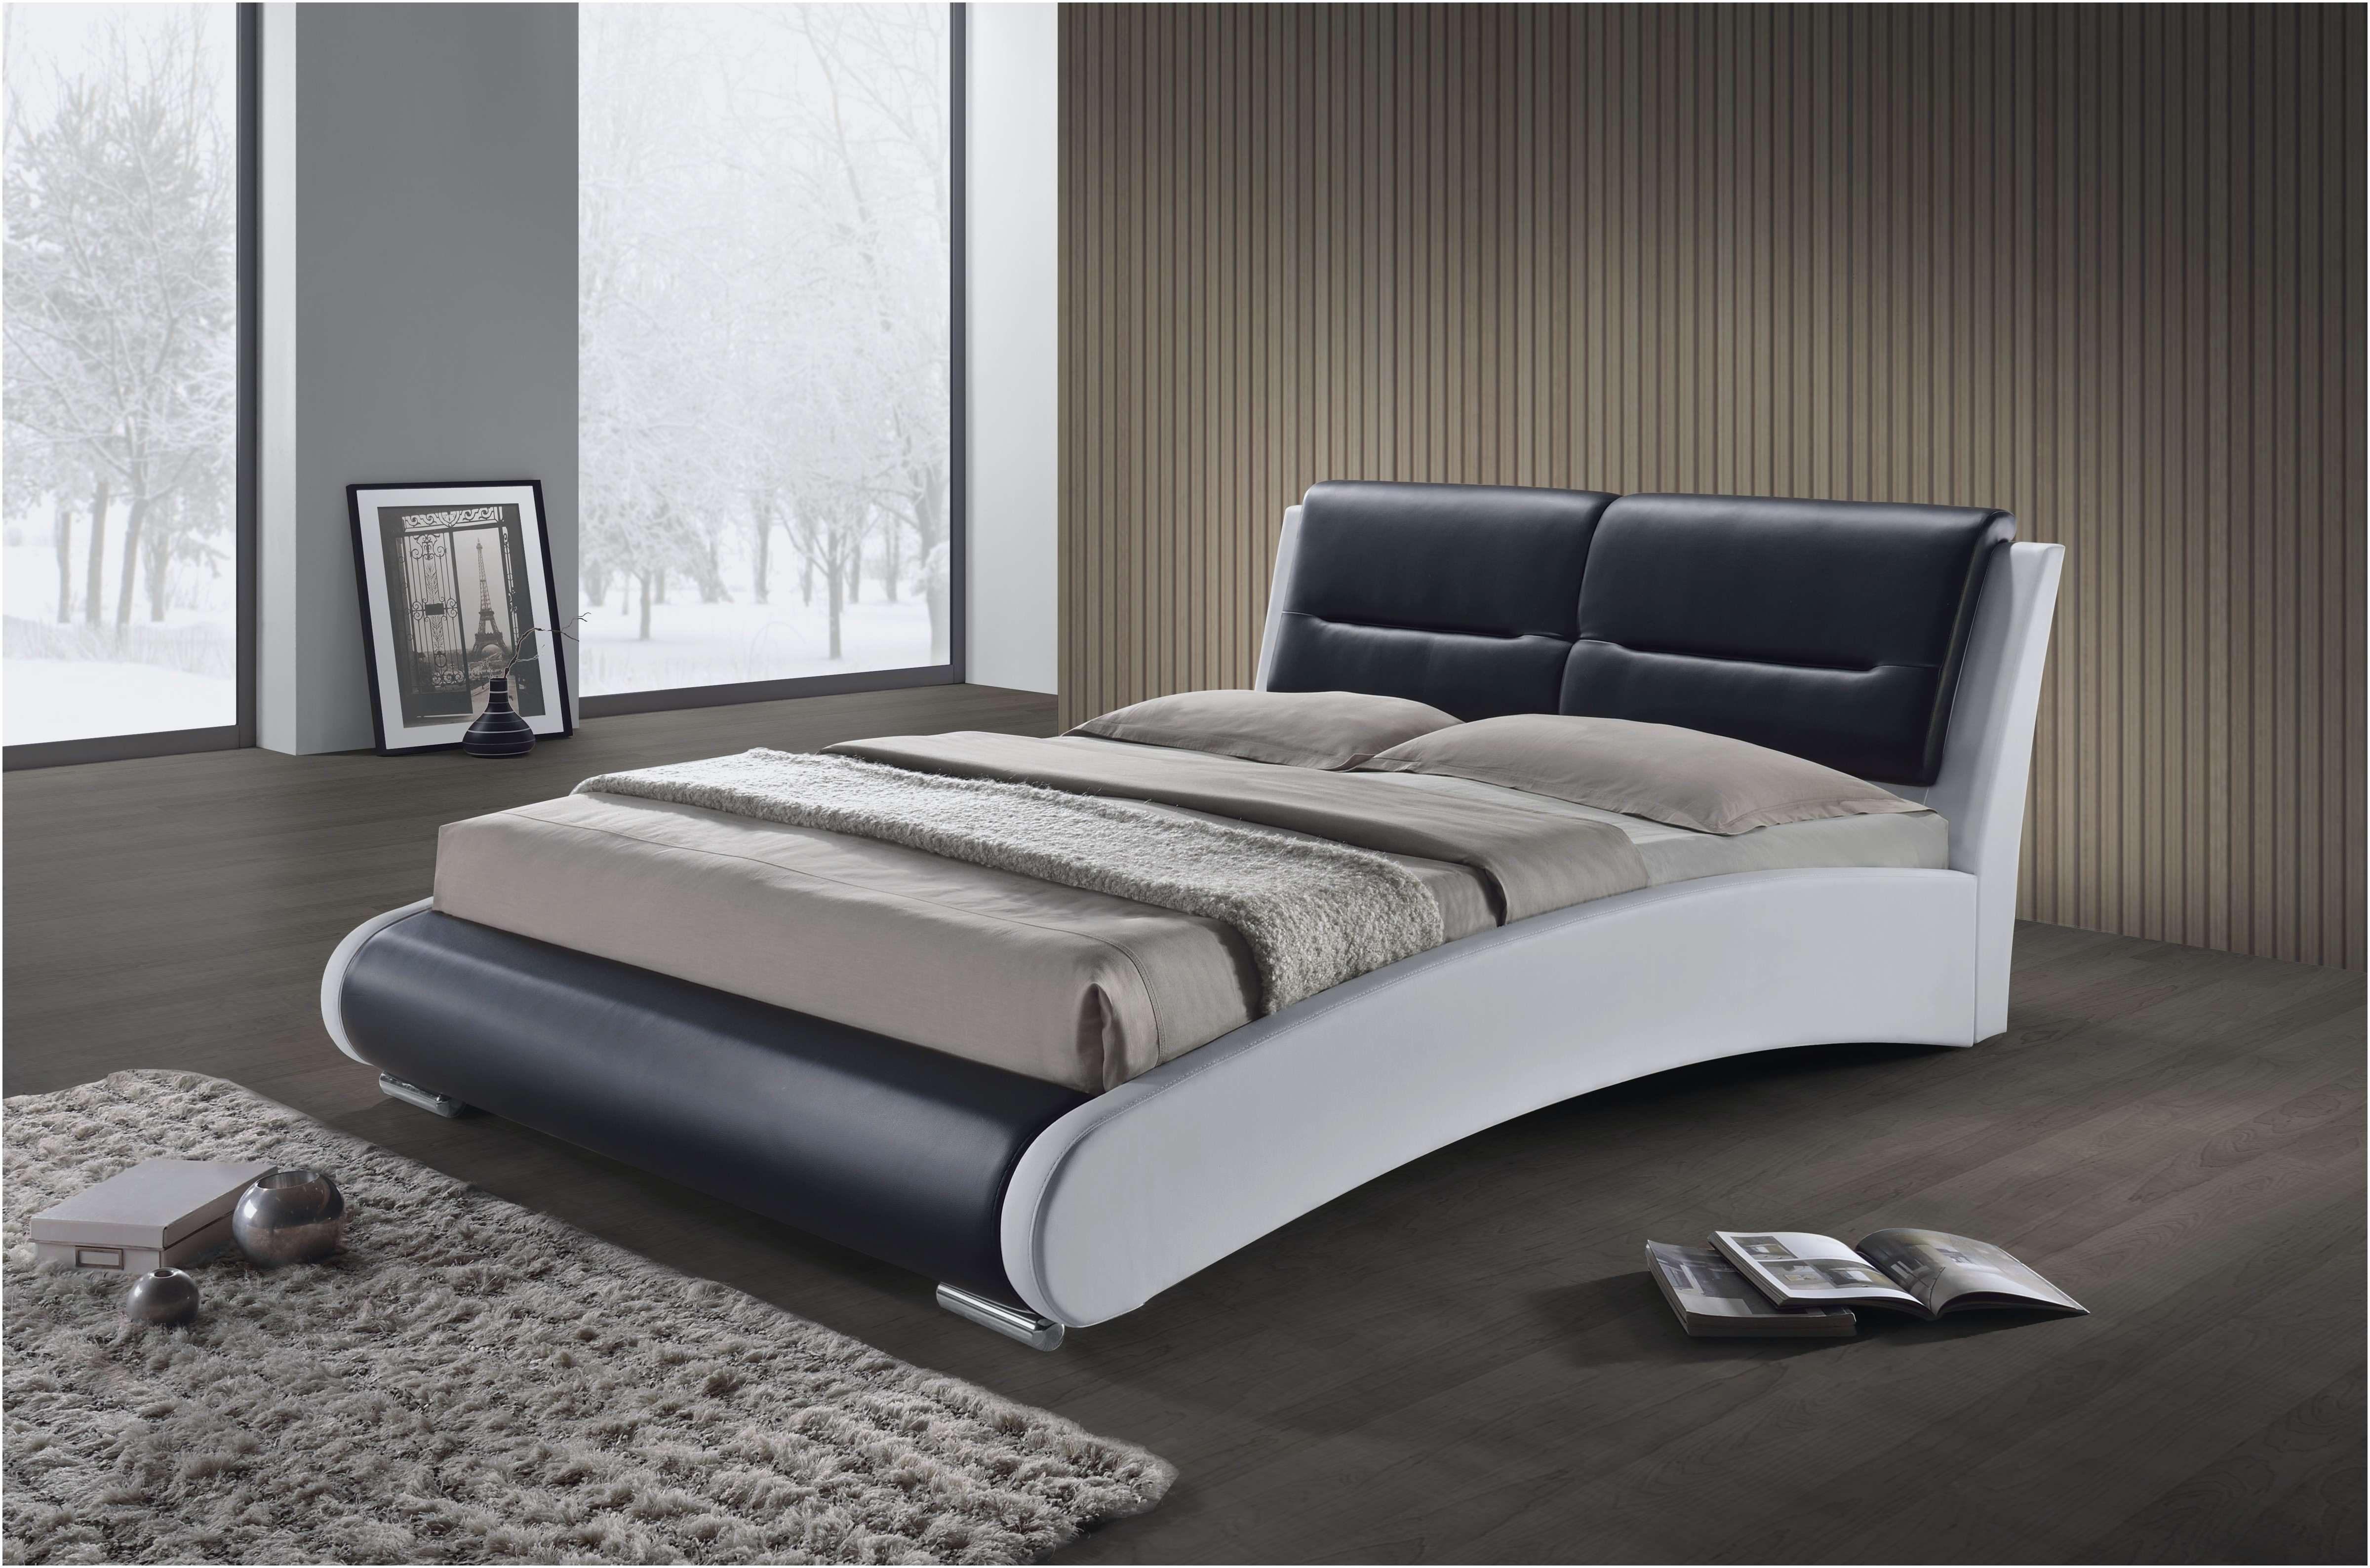 Lit Superposé Gigogne De Luxe Nouveau Le Plus attrayant Canapé Futon En Ce Qui Concerne La Maison